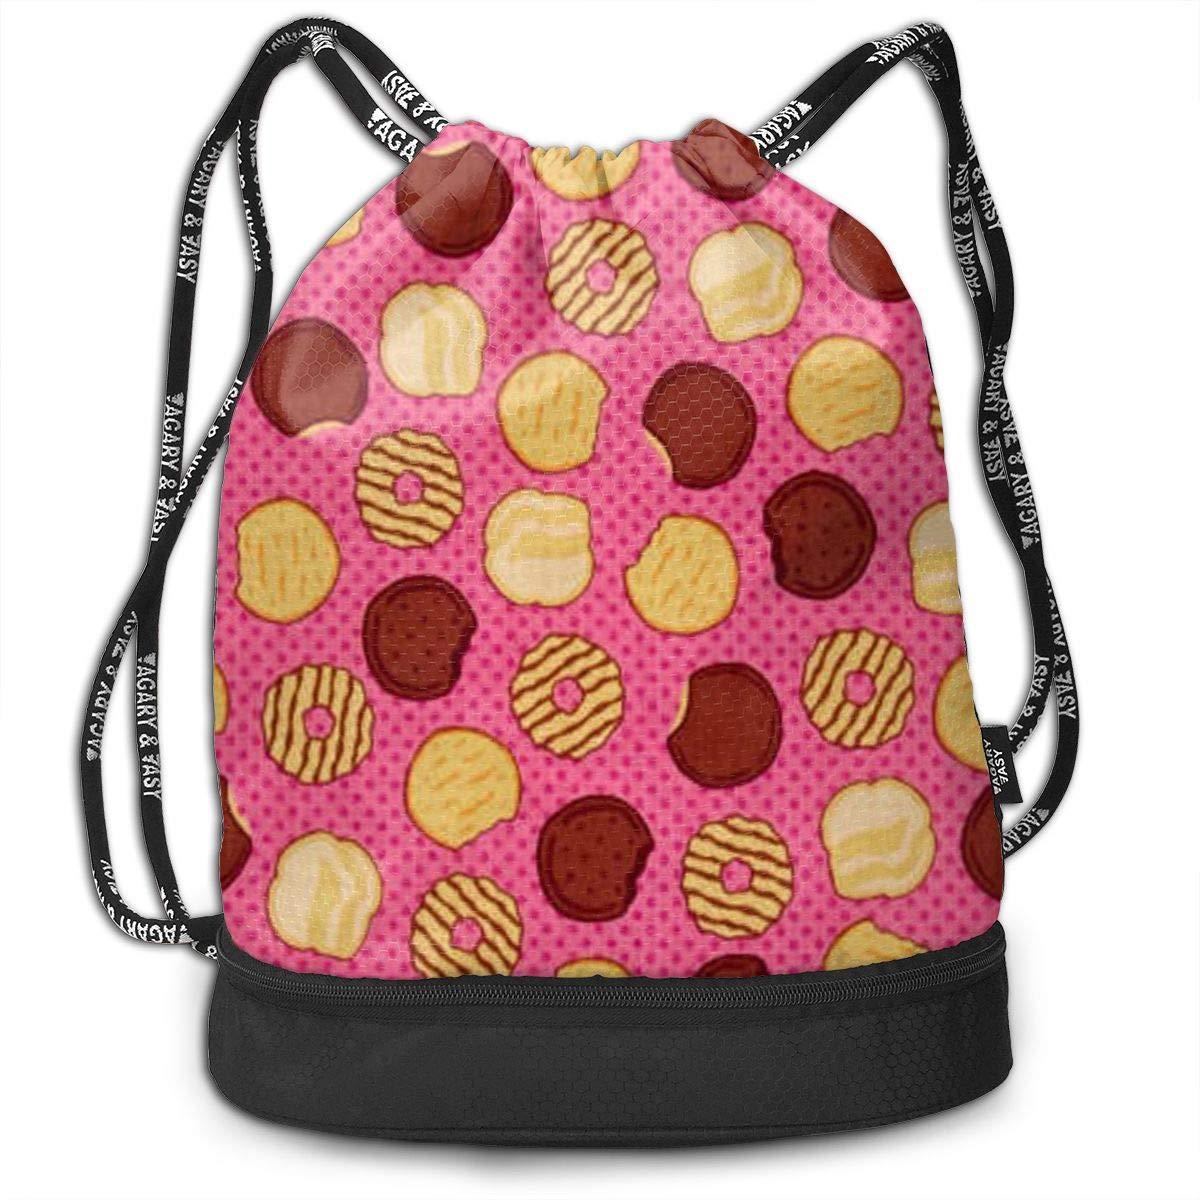 HUOPR5Q Delicious Cookies Drawstring Backpack Sport Gym Sack Shoulder Bulk Bag Dance Bag for School Travel